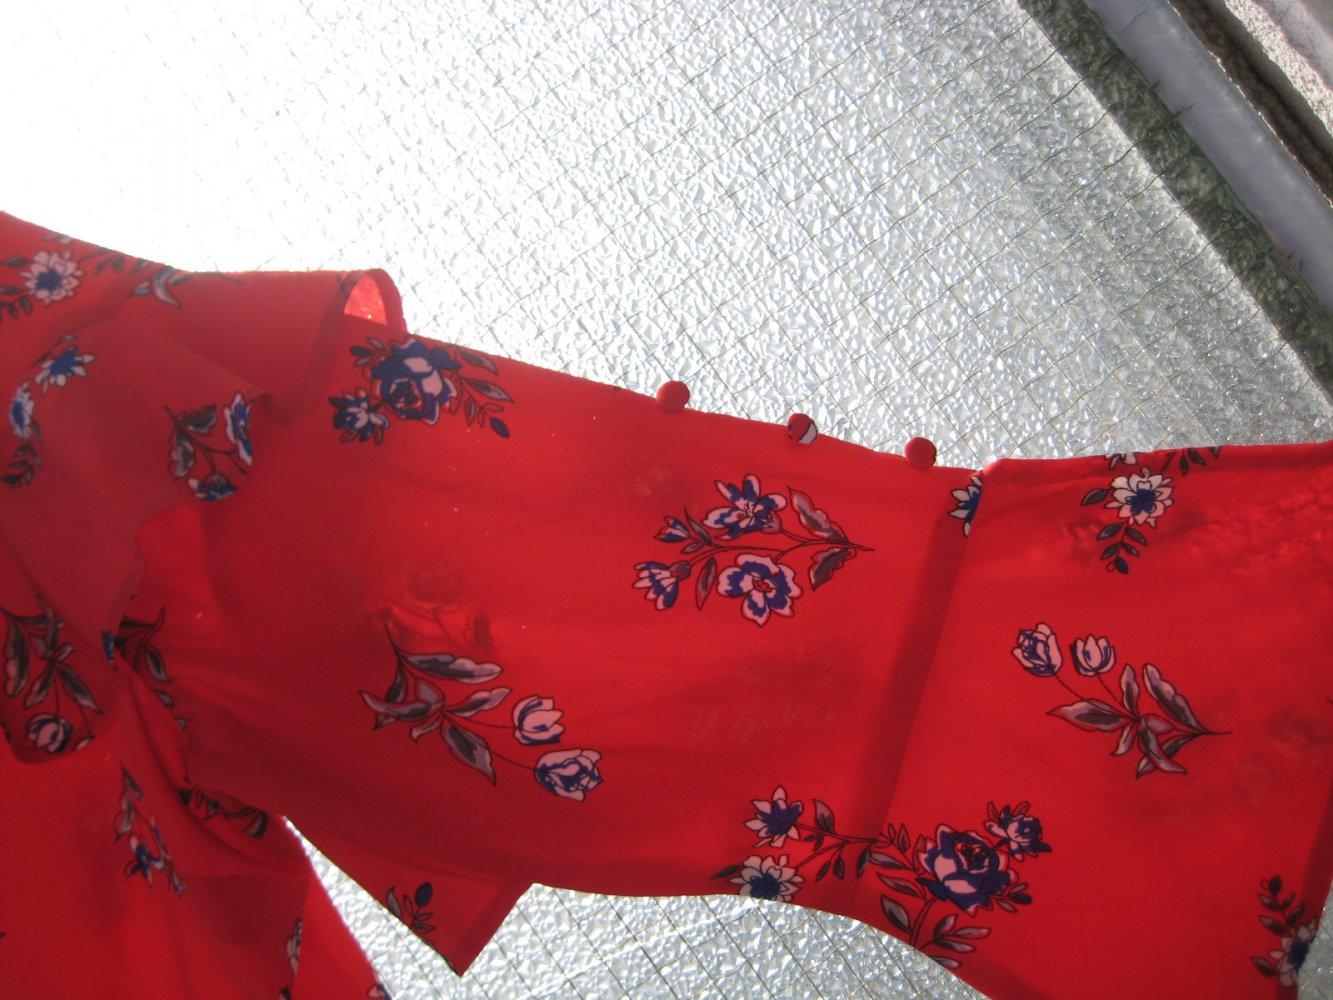 wunderschönes rotes kleid mit blauen blüten und vielen details! rot, weiß,  blau, asos, sommer, frühling, influence, volant, tailliert, trompetenärmel,